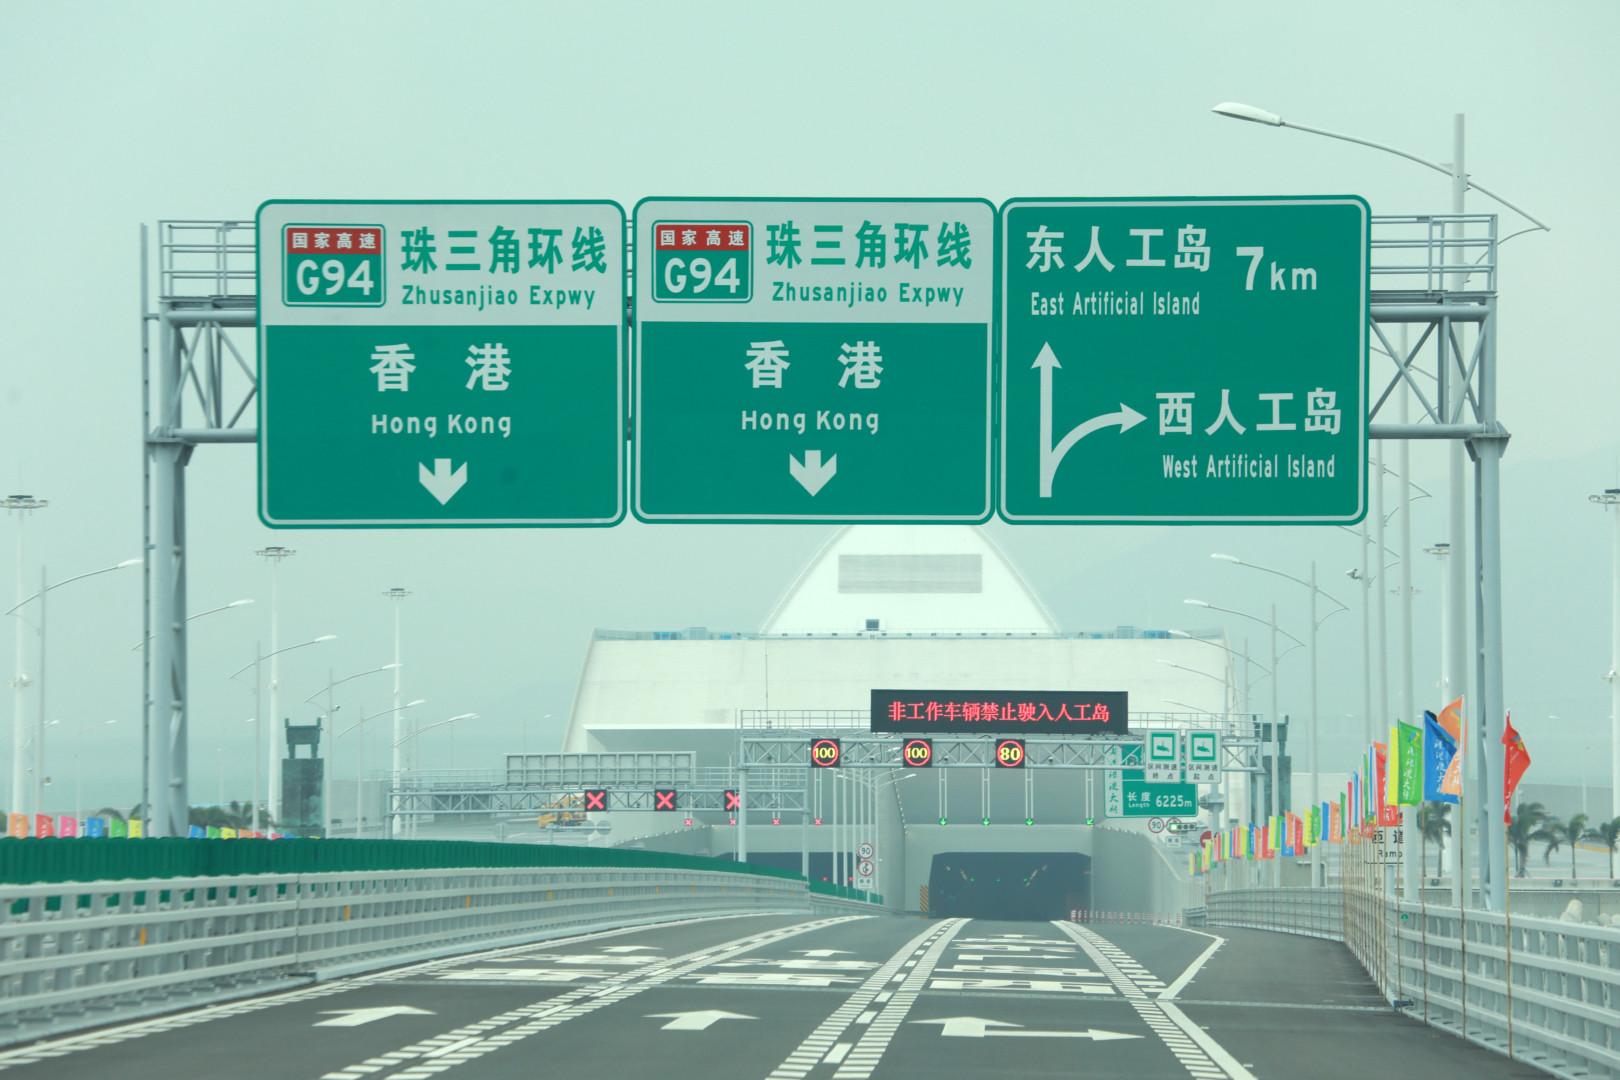 港珠澳大橋連接港澳兩個特別行政區和珠三角西部,便利各城市日後取長補短。(亞新社)